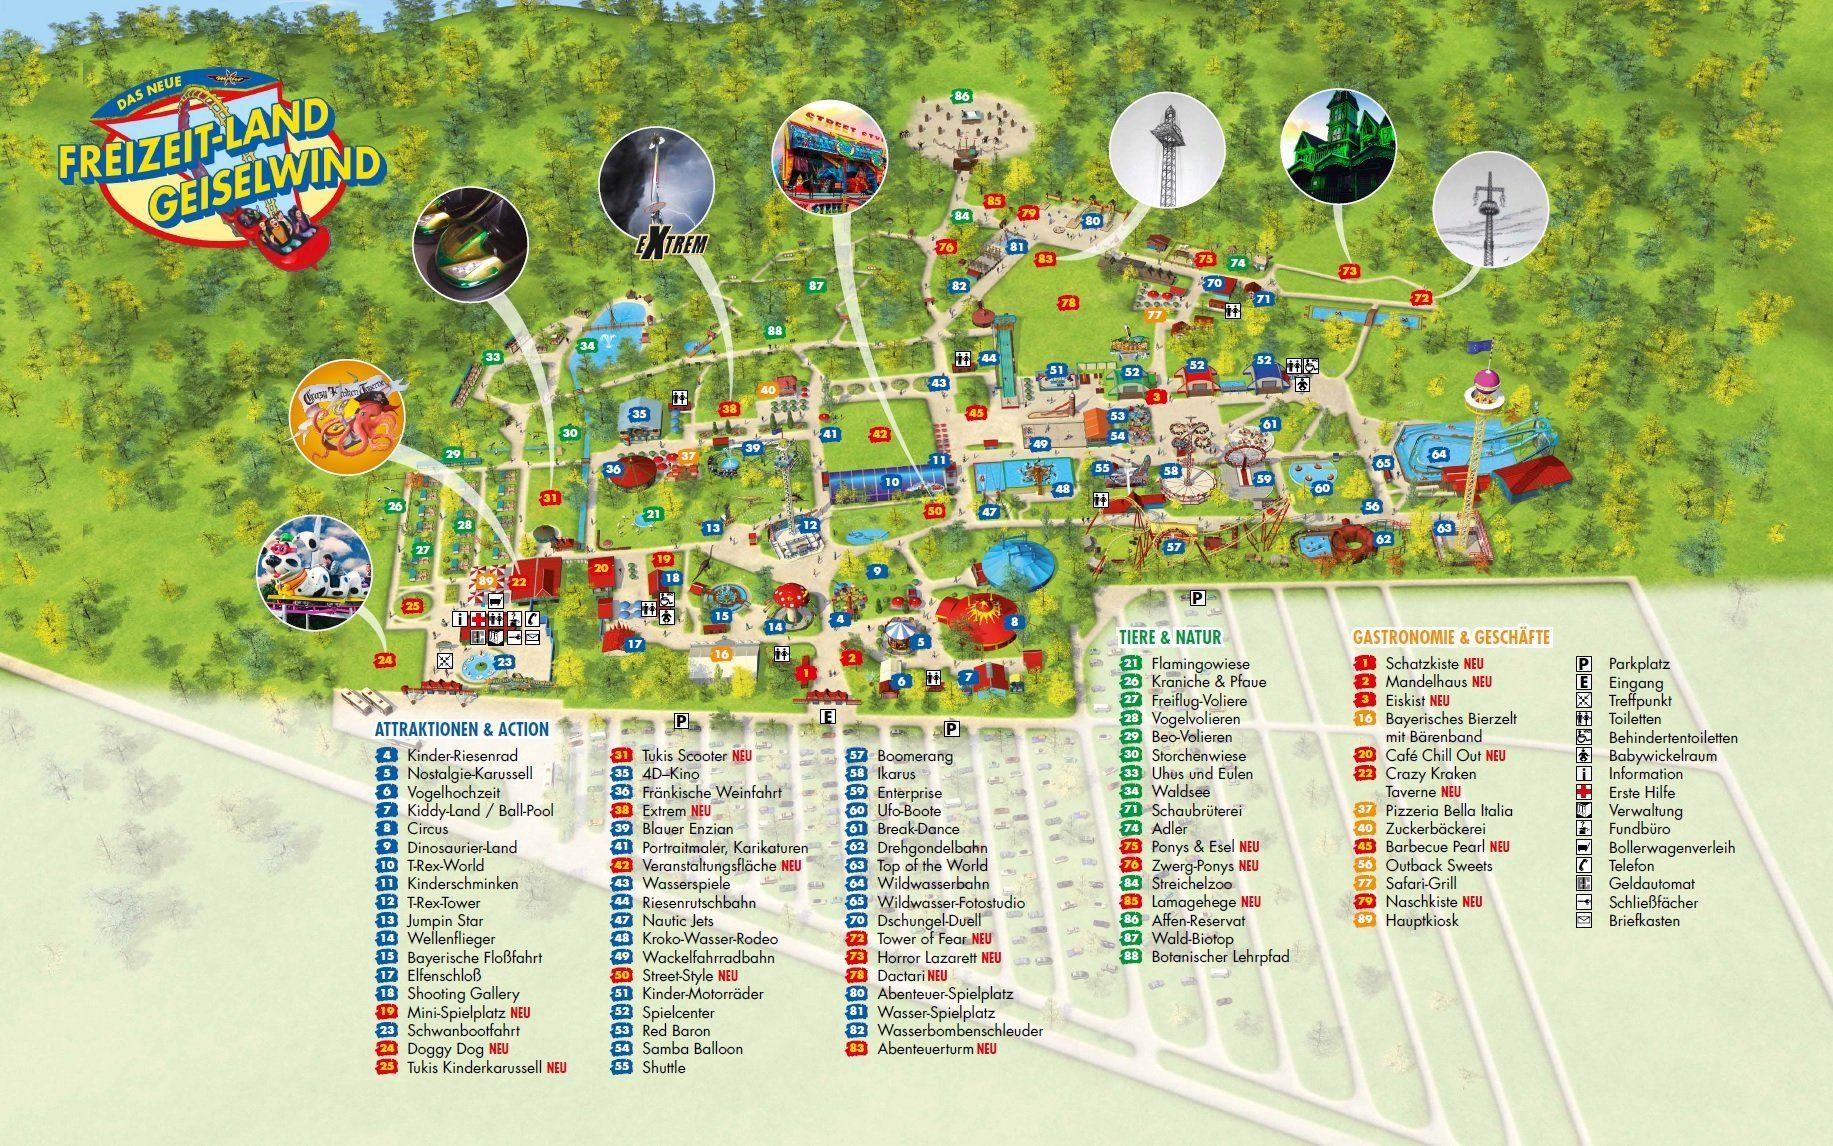 Parkplan Freizeit-Land Geiselwind